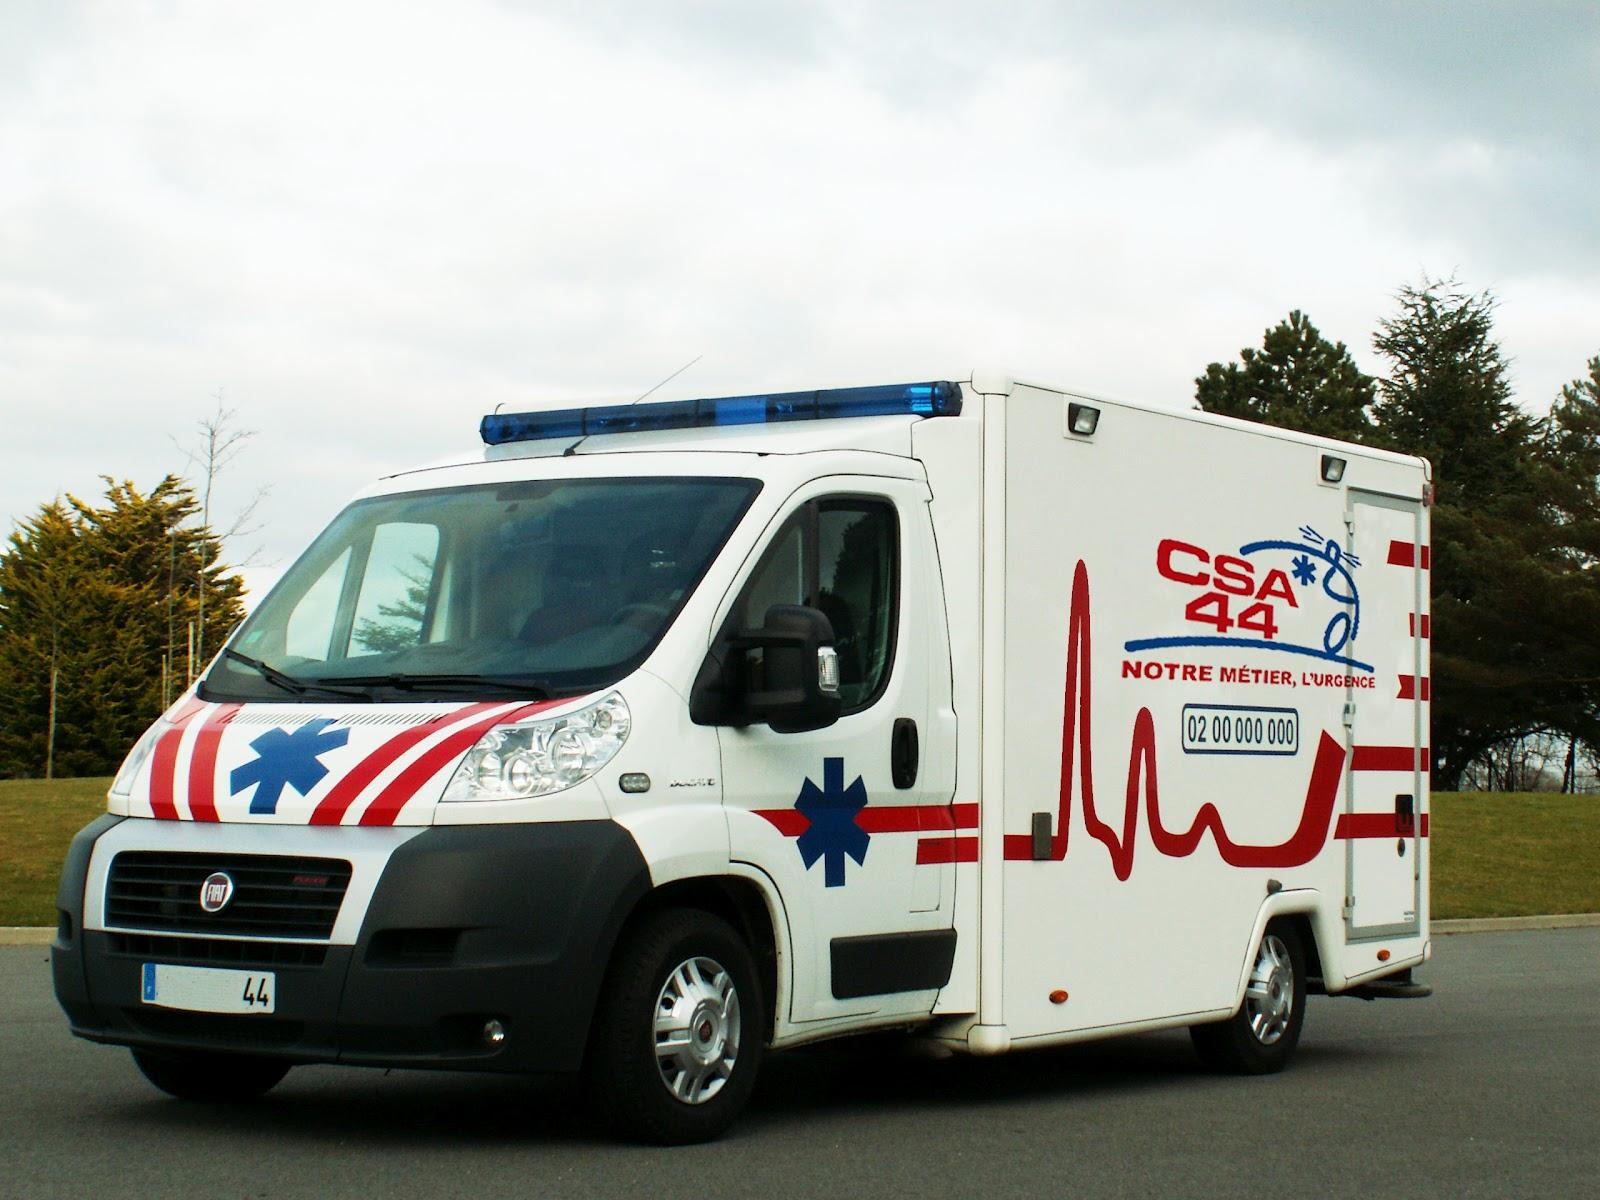 voiture communicante le gps au secours des ambulances en loire atlantique. Black Bedroom Furniture Sets. Home Design Ideas